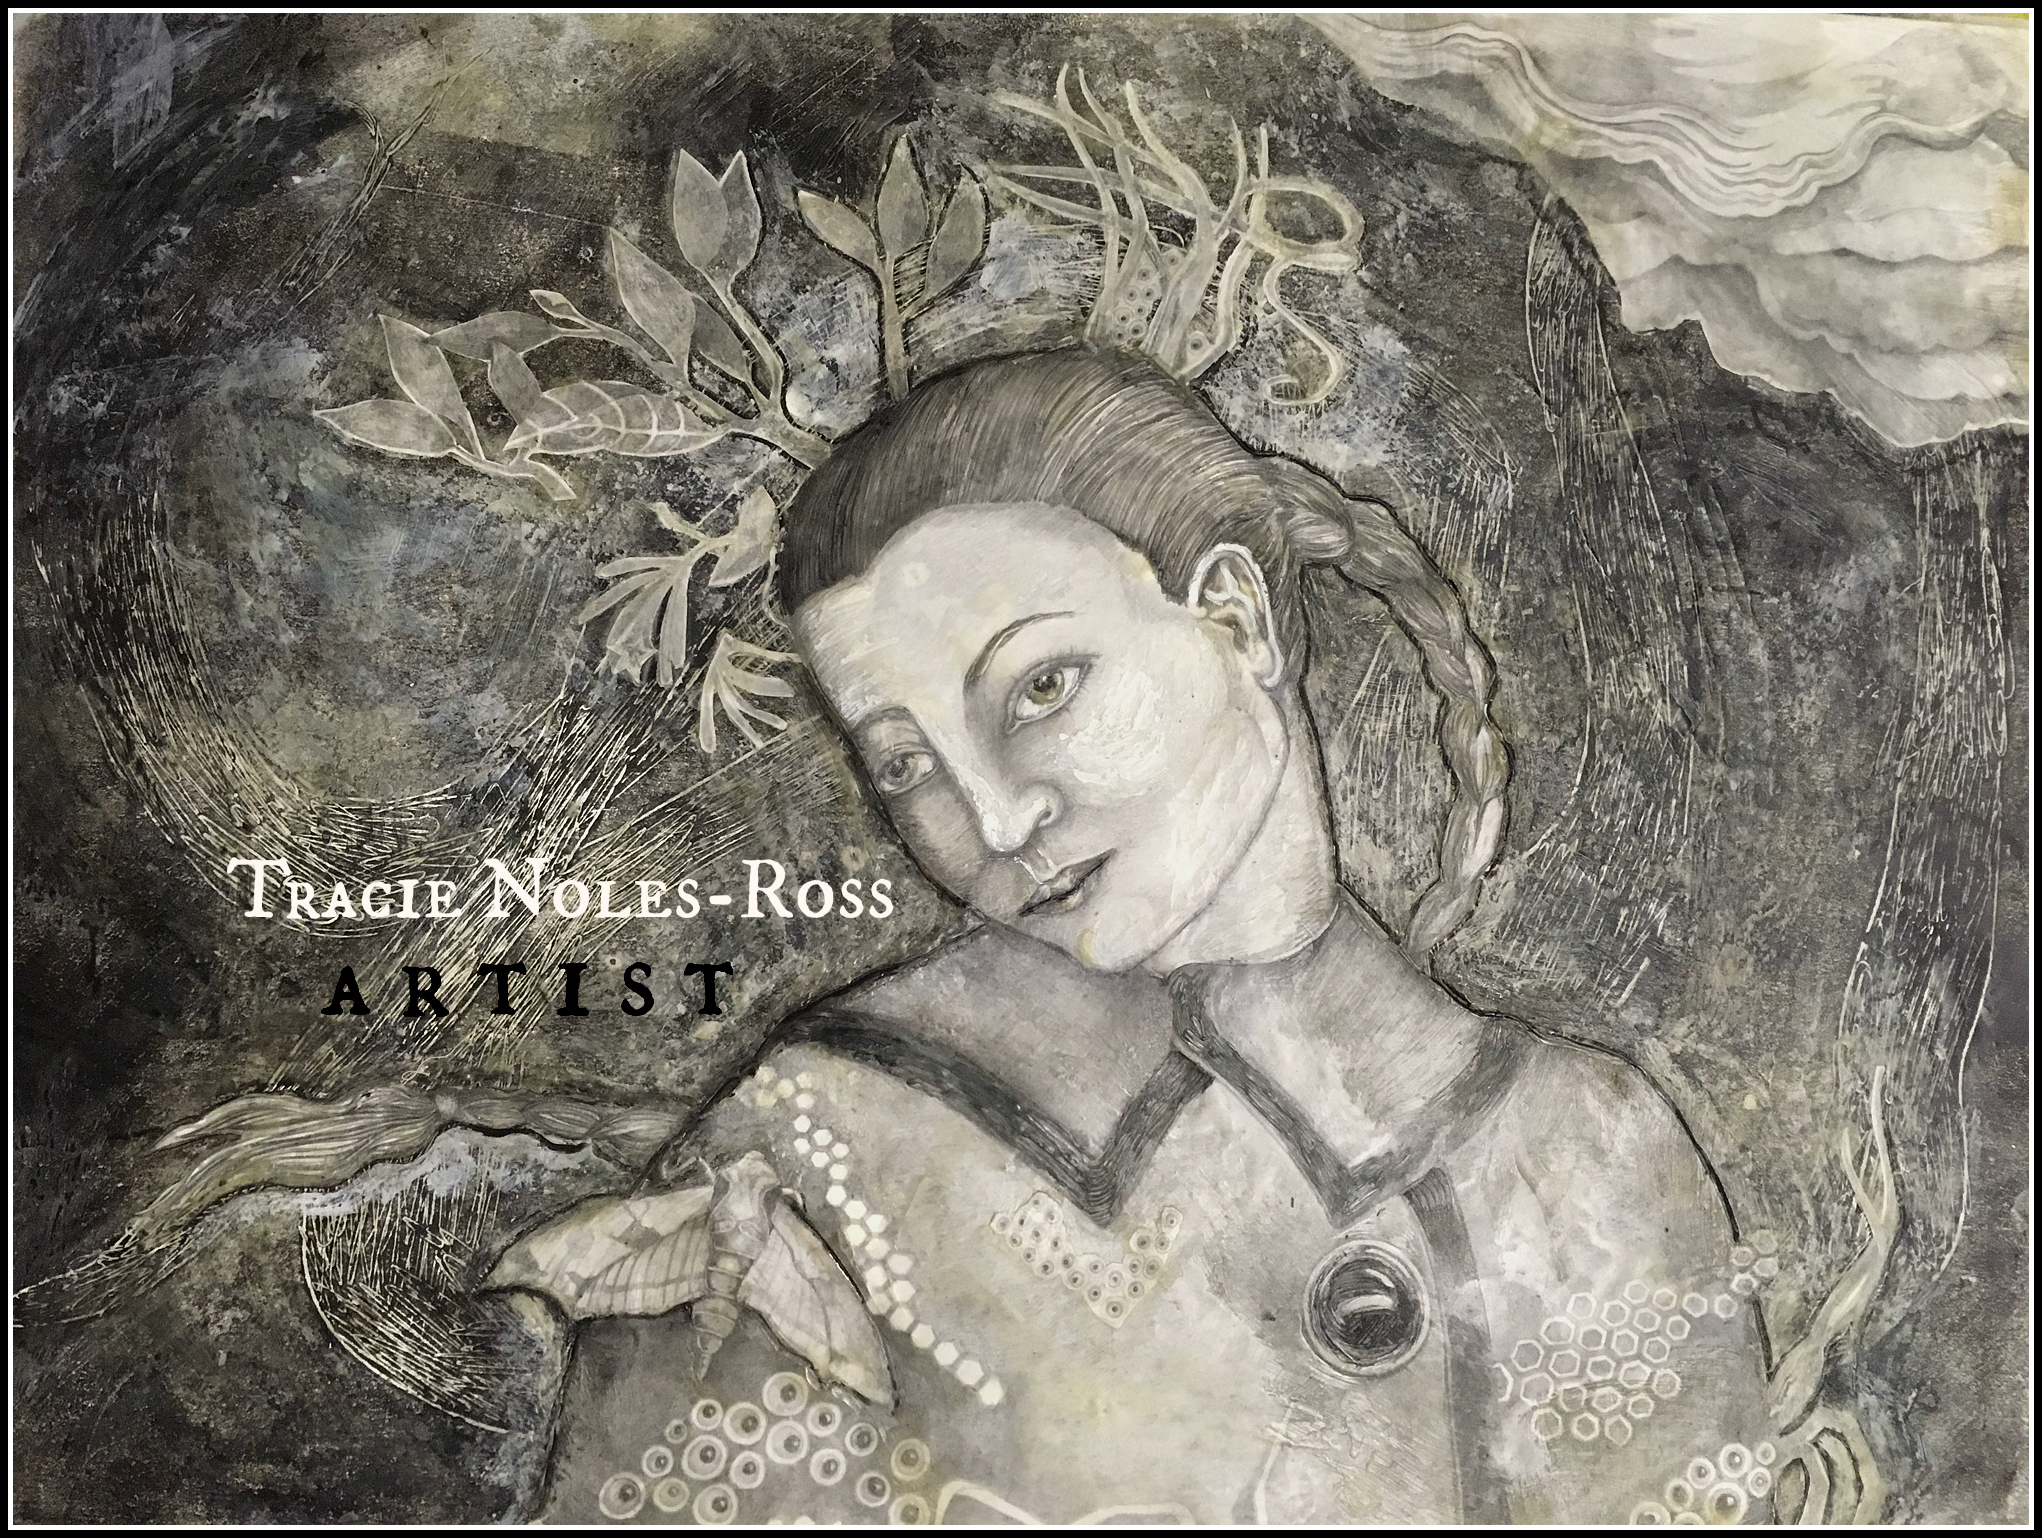 Tracie Noles-Ross